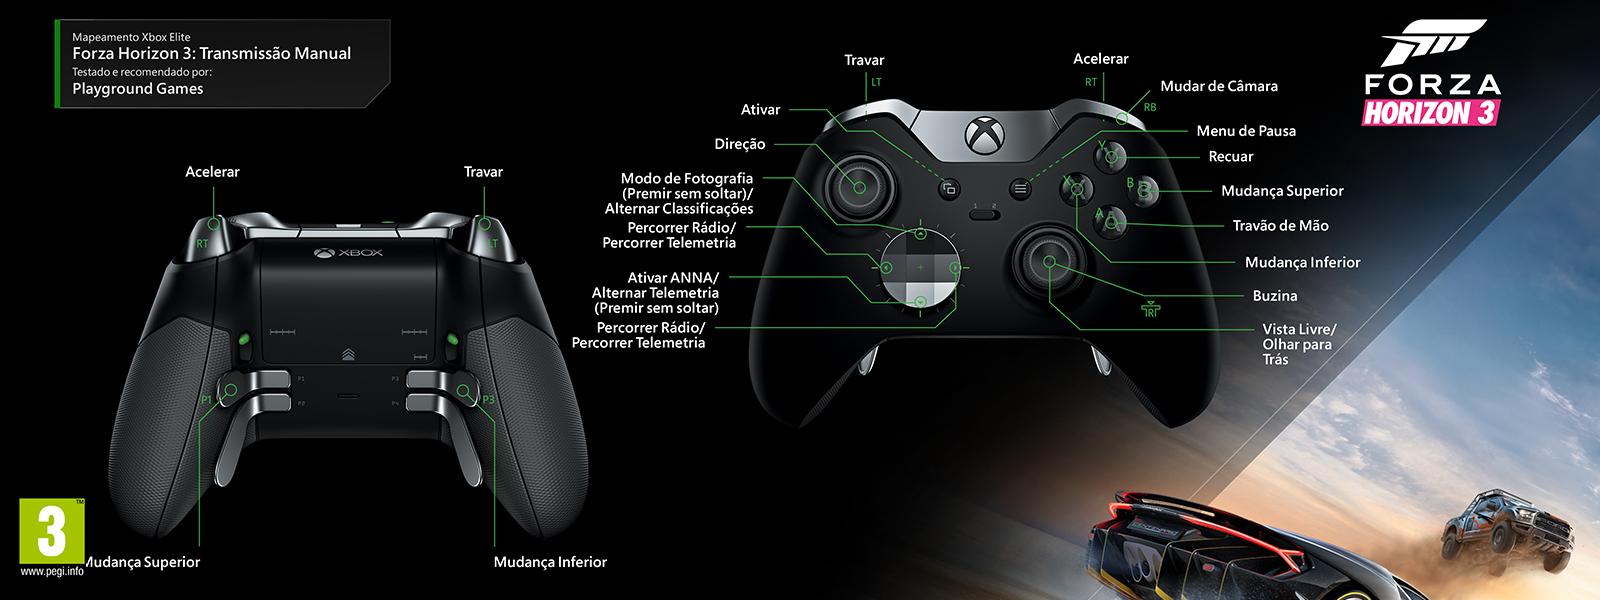 Mapeamento Elite para Forza Horizon 3 – Manual Transmission